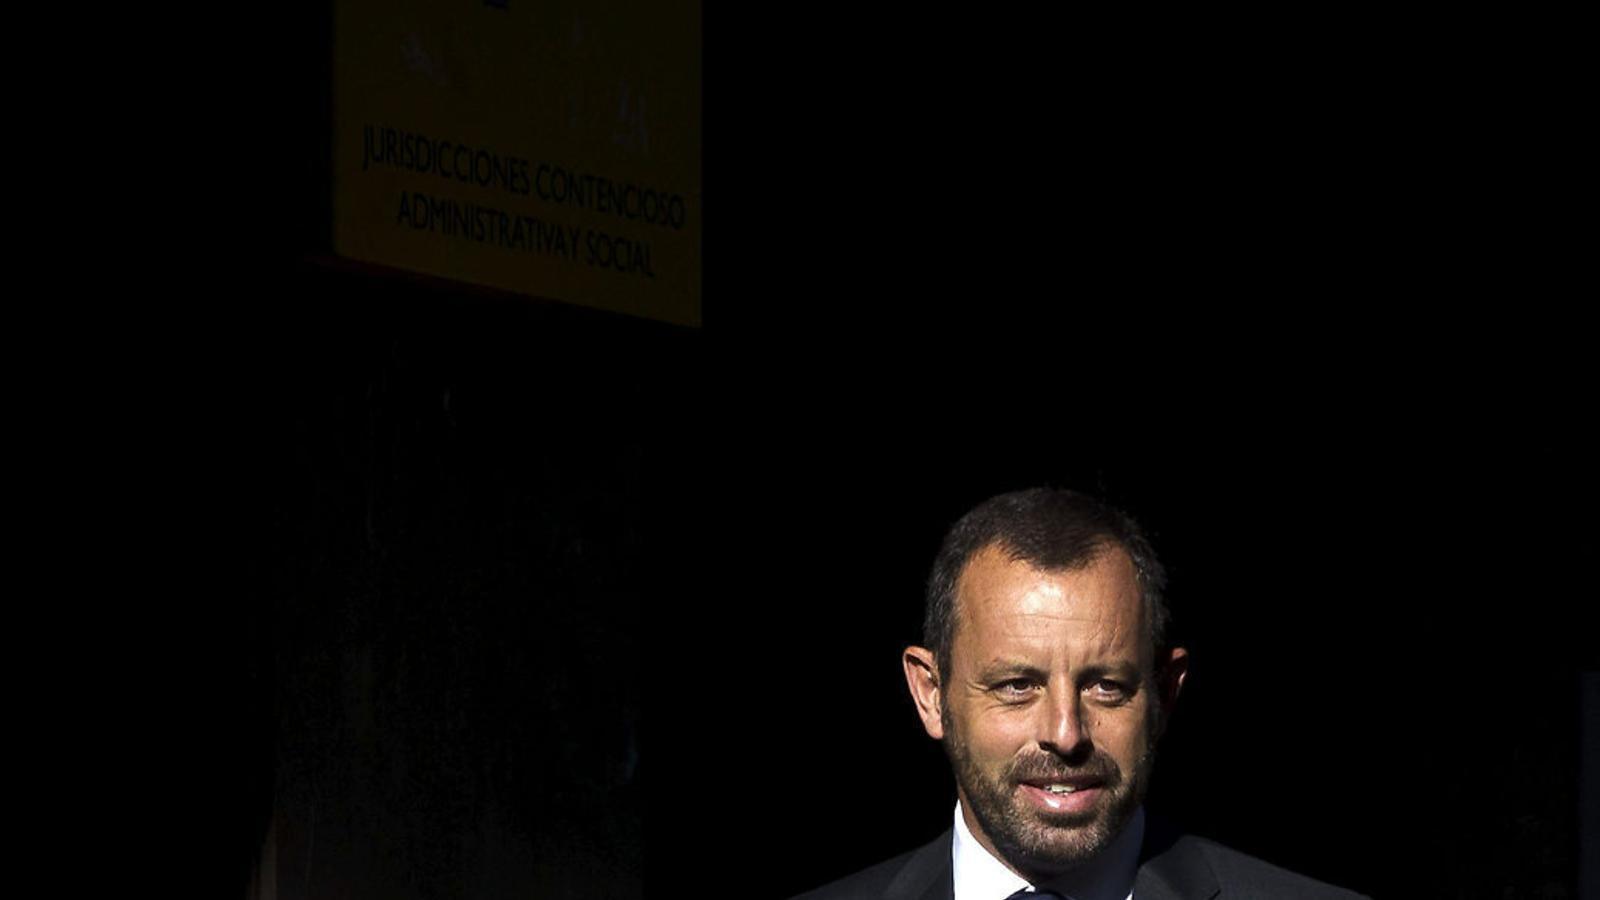 L'expresident del Barça Sandro Rosell arribant a l'Audiència Nacional per declarar davant el jutge el 2014.